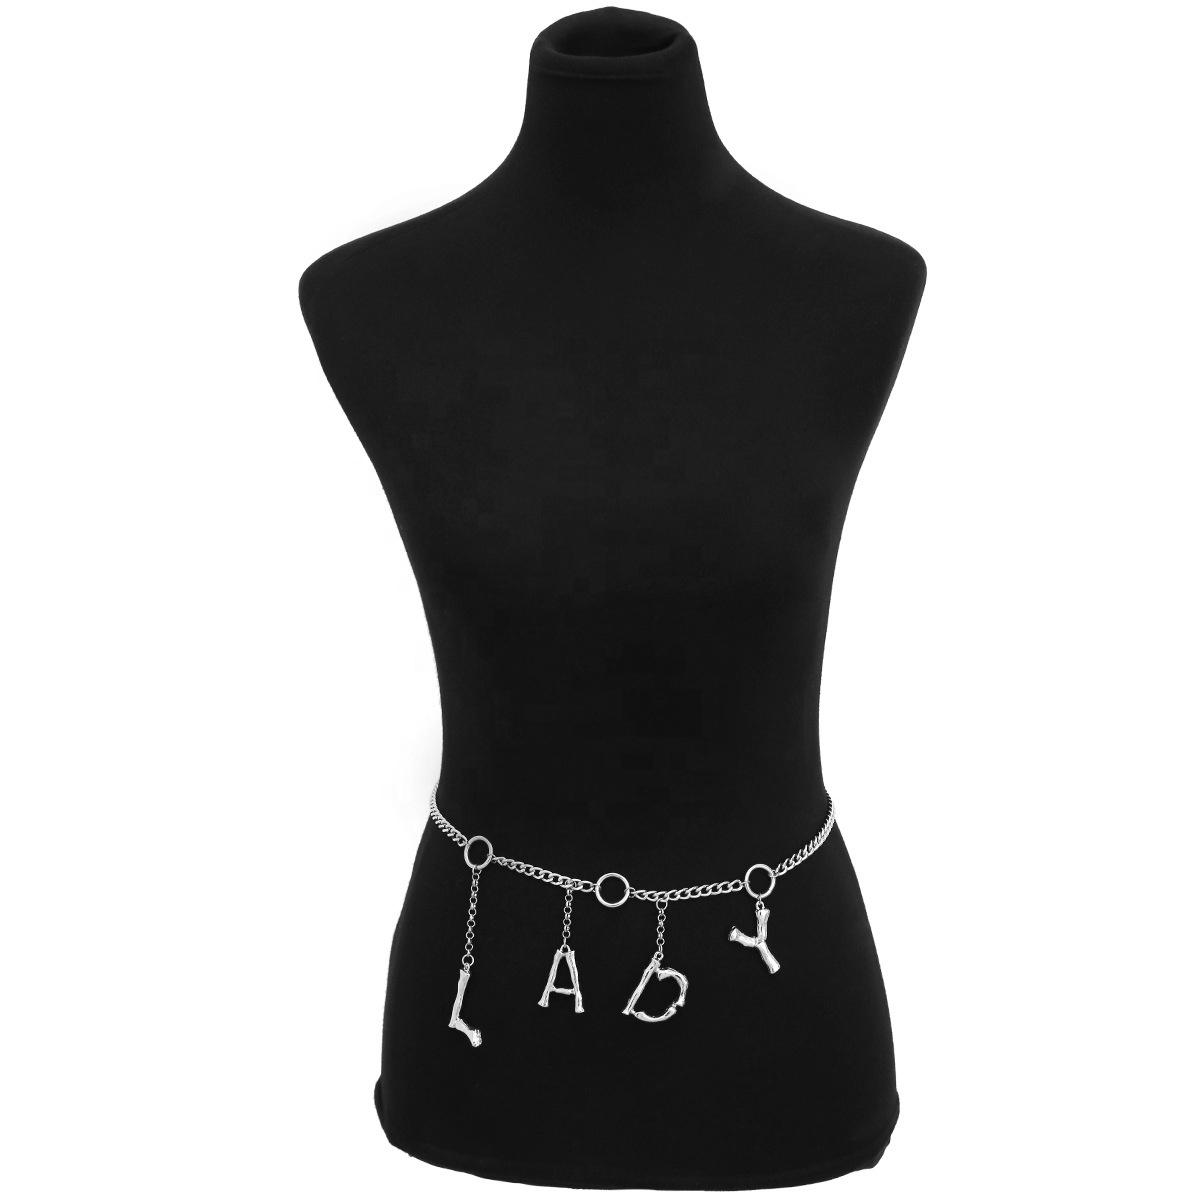 Модный персонализированный пояс со стразами и надписью для женщин